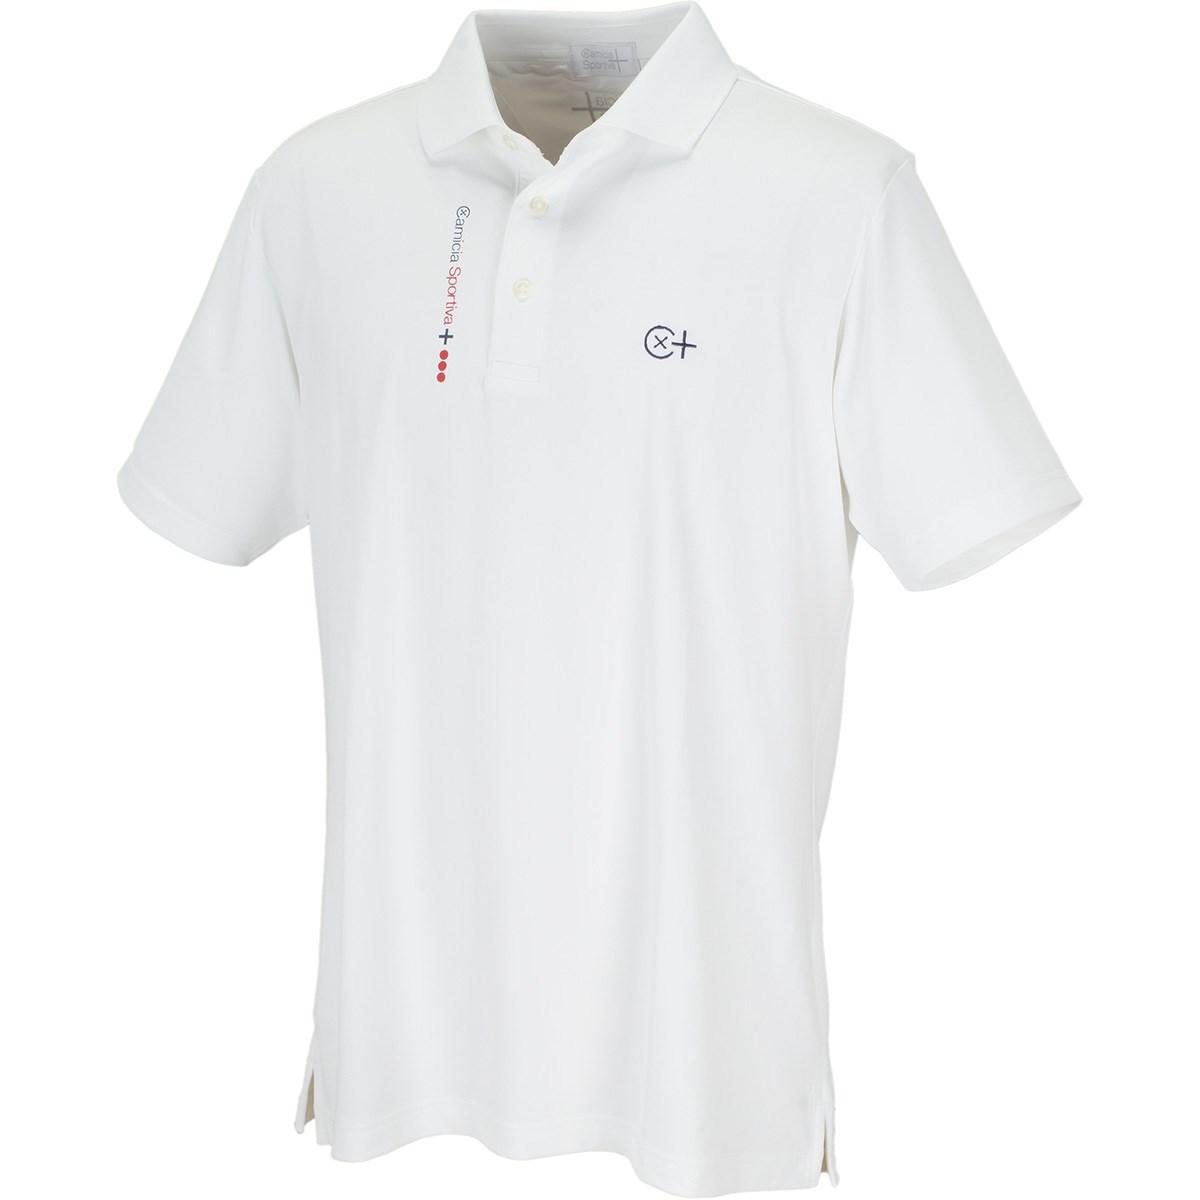 カミーチャスポルティーバプラス CamicaSportiva+ TWINCOT UV半袖ポロシャツ 48 オフホワイト